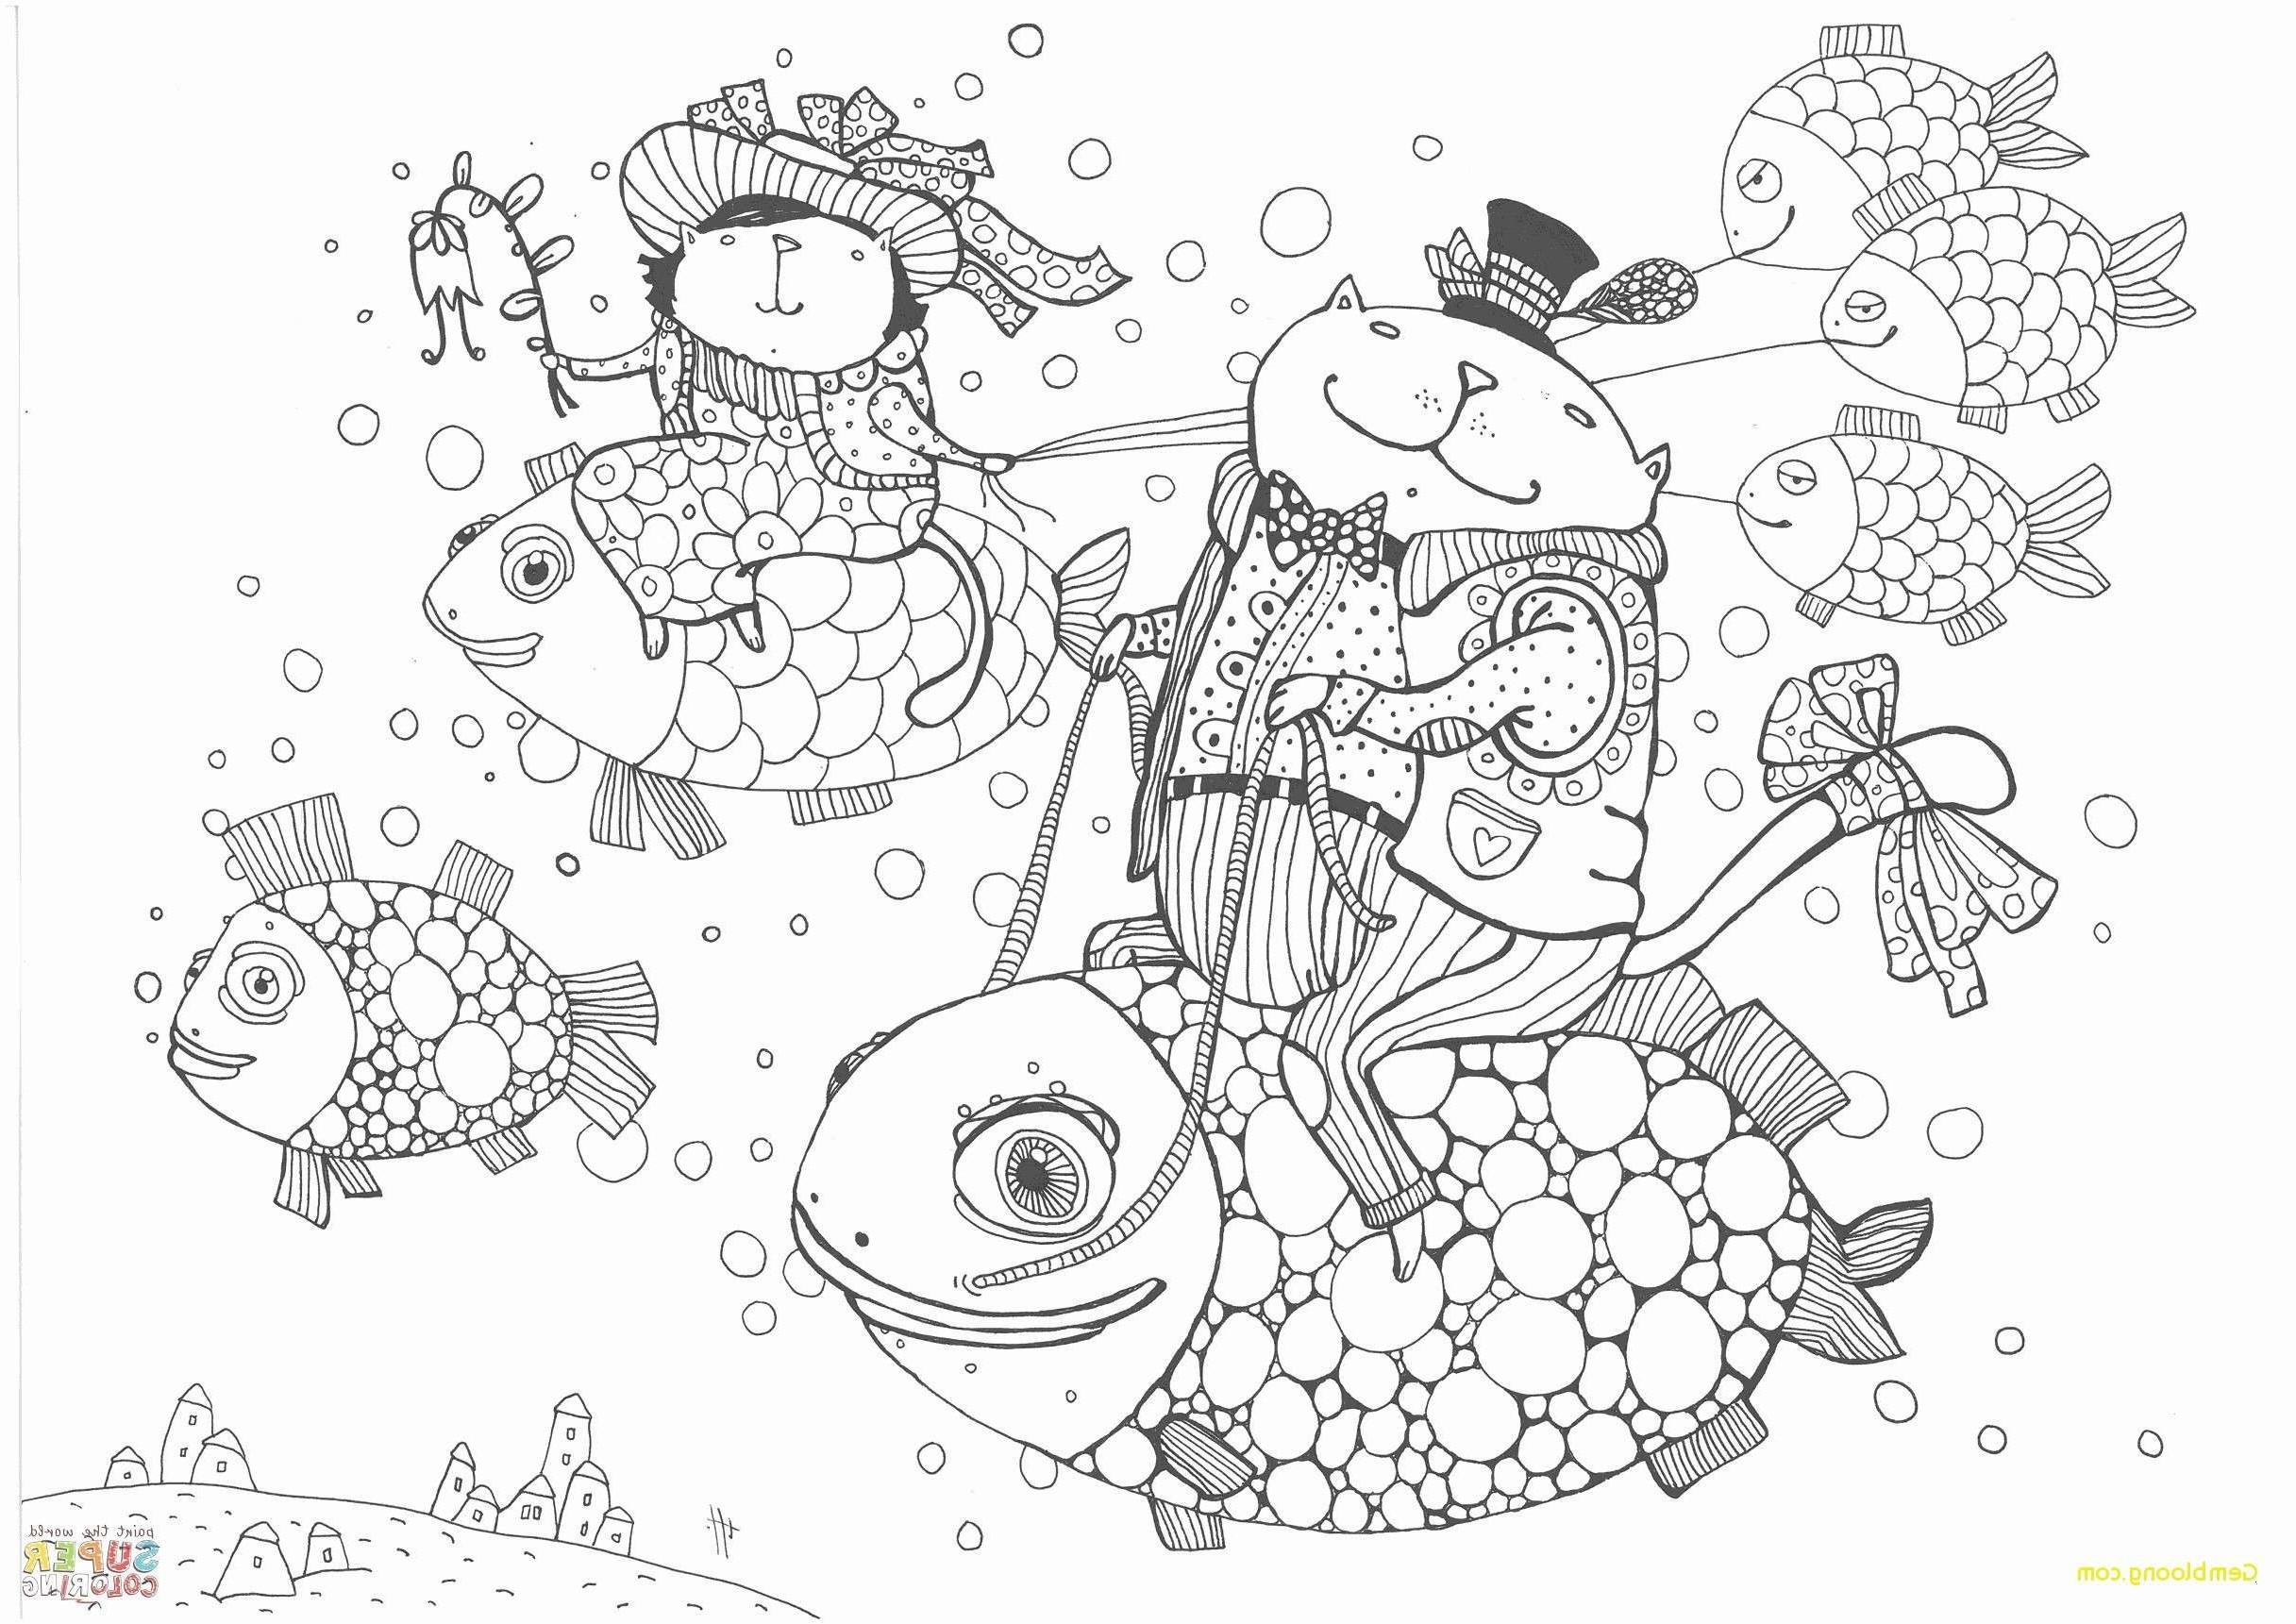 Ausmalbilder Baby Tiere Frisch 45 Frisch Ausmalbilder Wickie – Große Coloring Page Sammlung Bilder